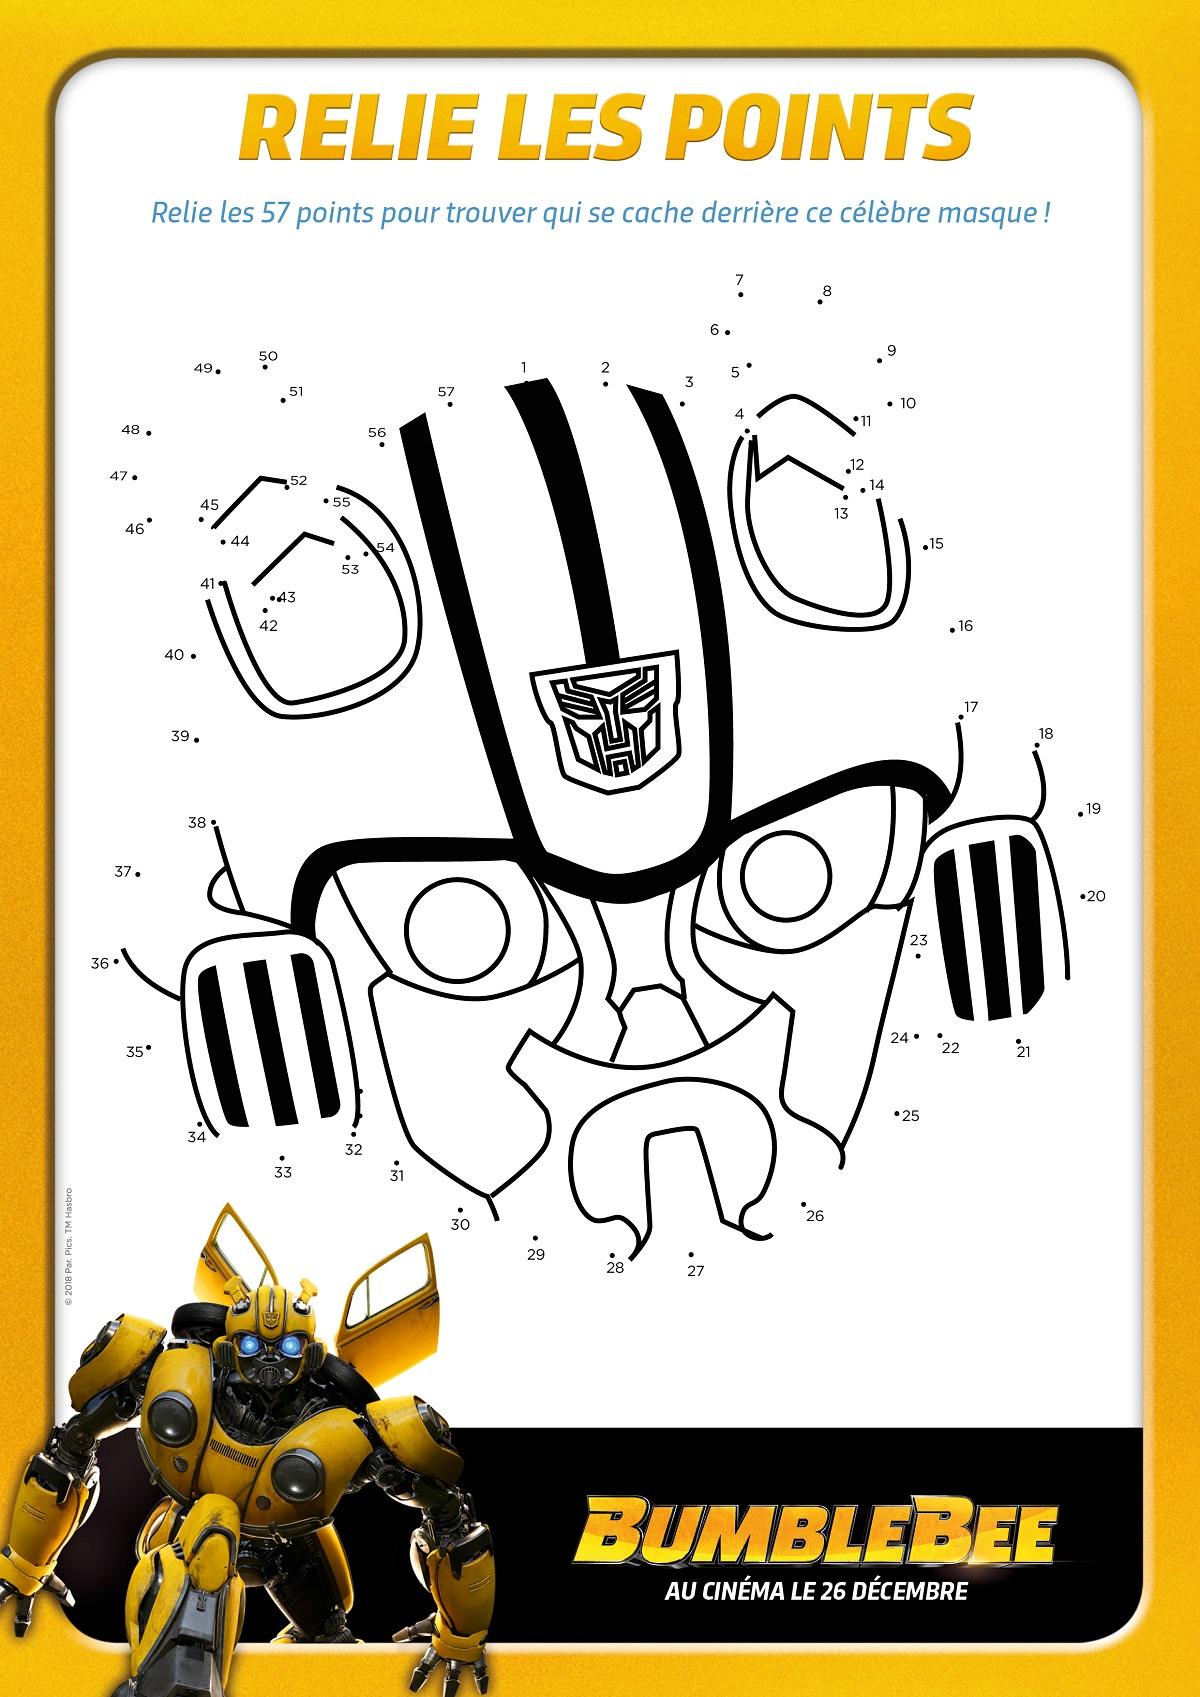 Jeu de points à relier Bumblebee